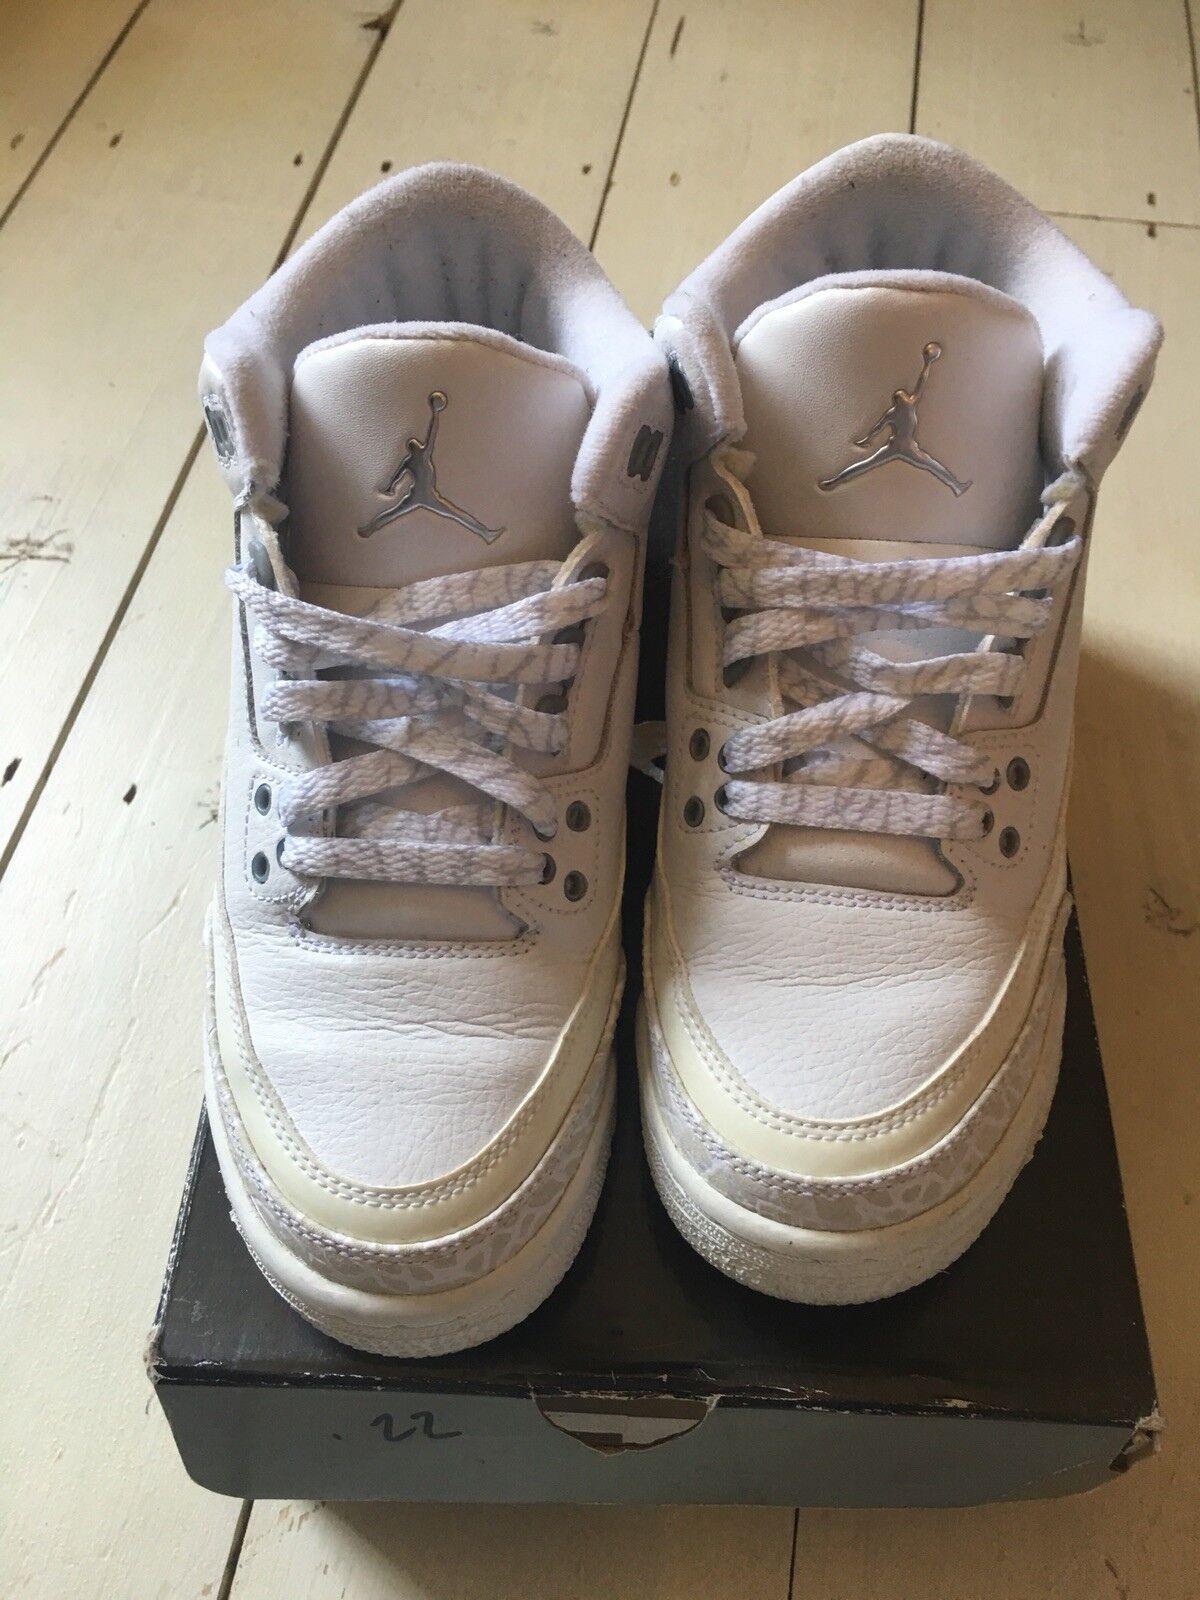 Air Jordan Retro 3 bianco puro denaro GS 5.5y EU 38